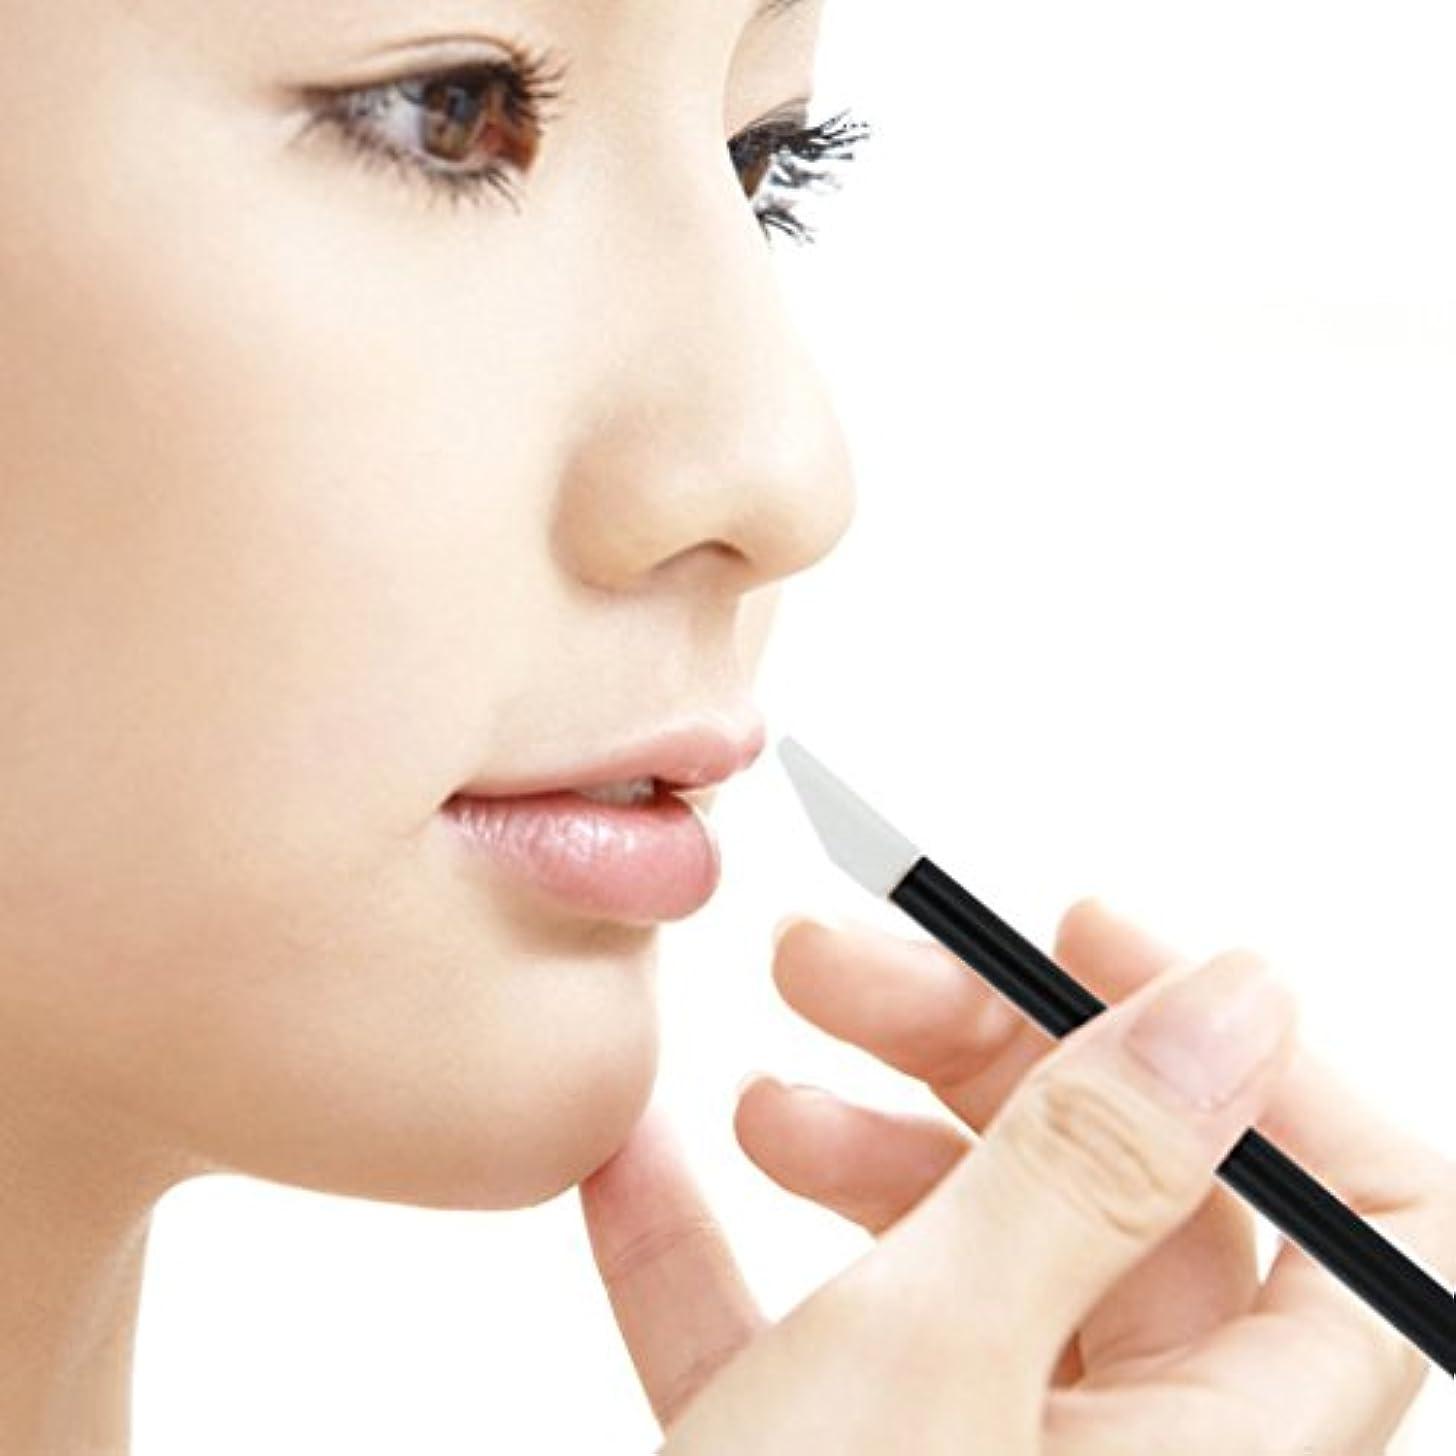 ネックレット連続したツールZafina リップブラシ 使い捨て 便利 化粧用品 メイクアップ  化粧ブラシ50本セット  (ブラック)